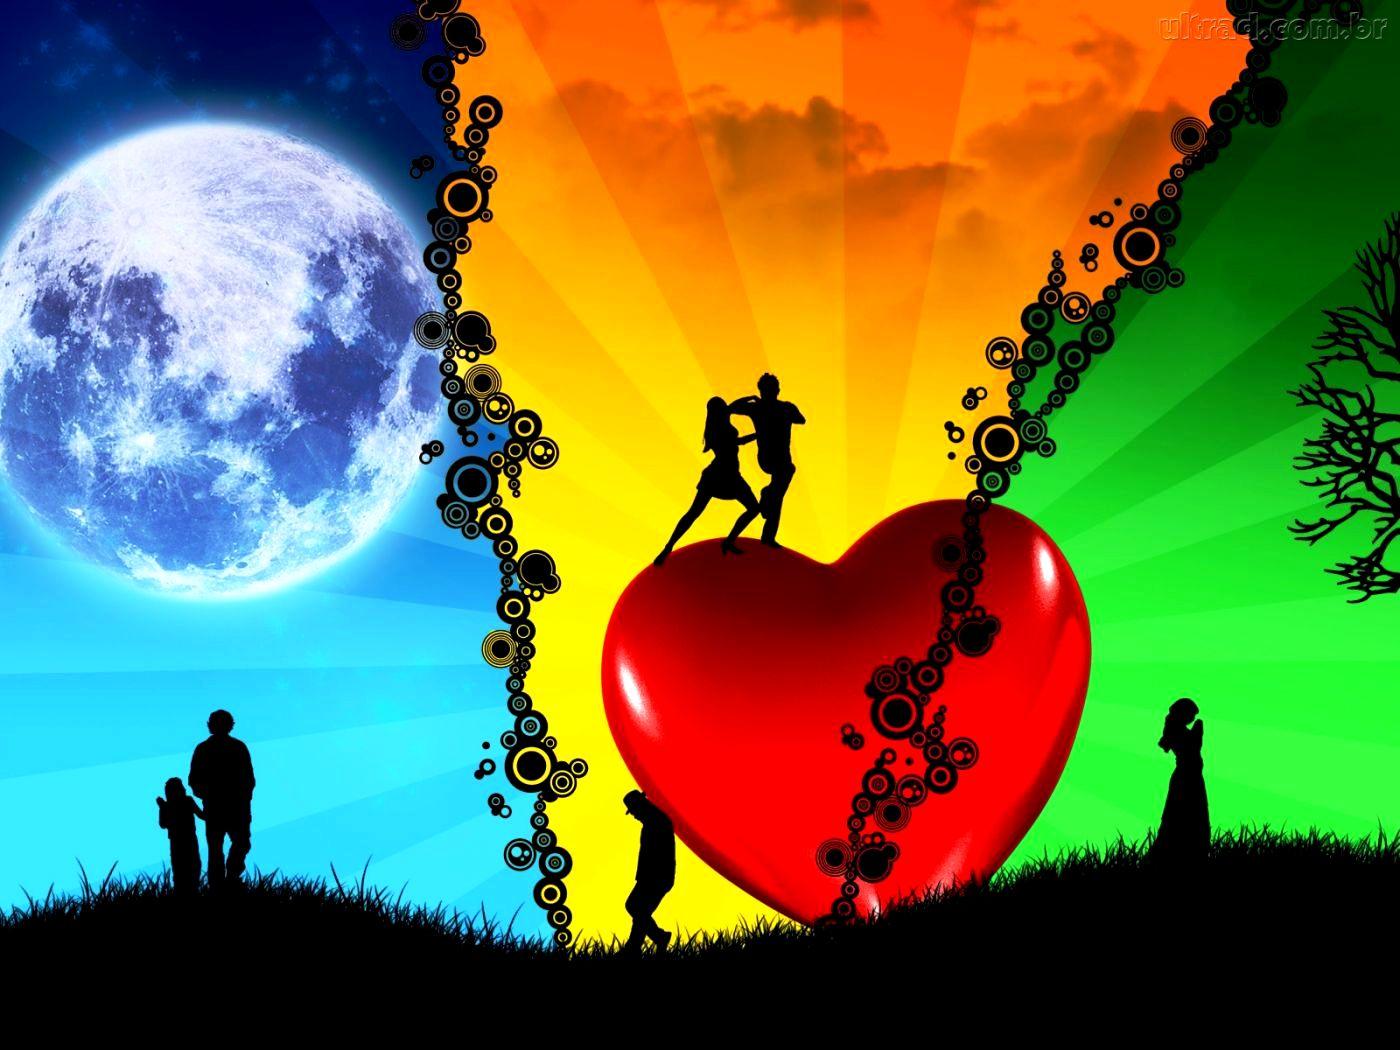 http://4.bp.blogspot.com/_uqRLzBLiAF0/S_DKlzu7ceI/AAAAAAAAATQ/iGDOJL7XMwY/s1600/168029_Papel-de-Parede-Todo-mundo-precisa-de-amor_1400x1050.jpg